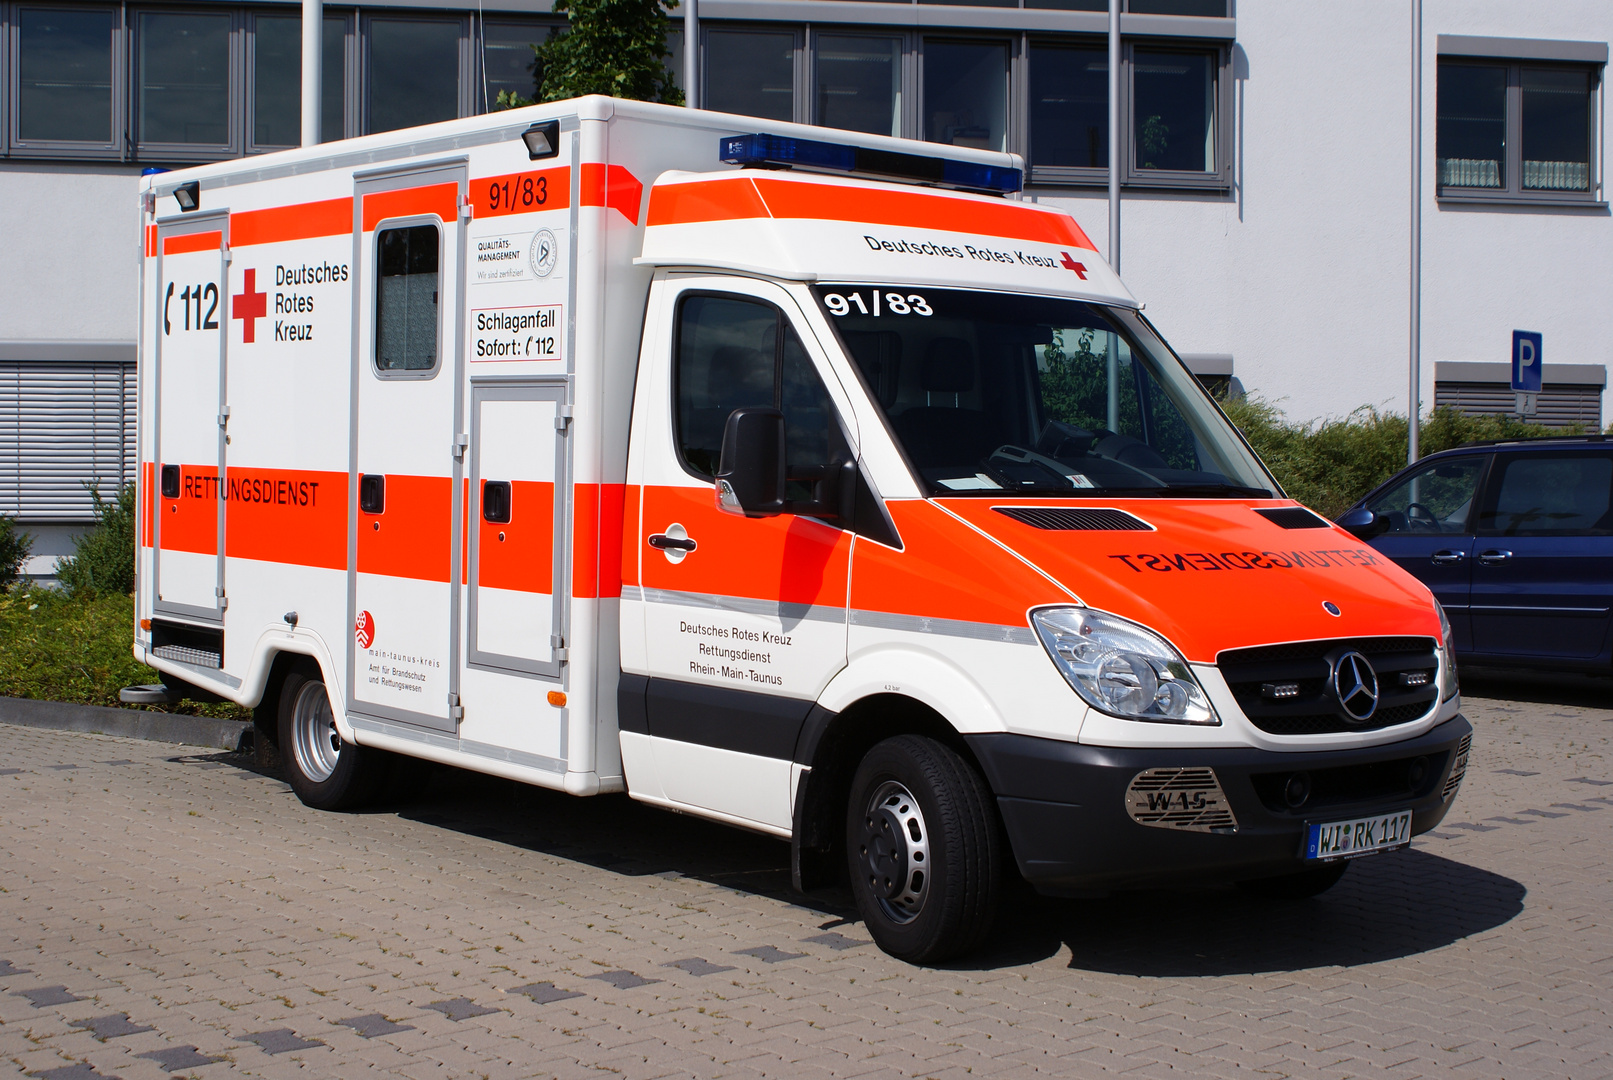 Brandneuer Rettungswagen